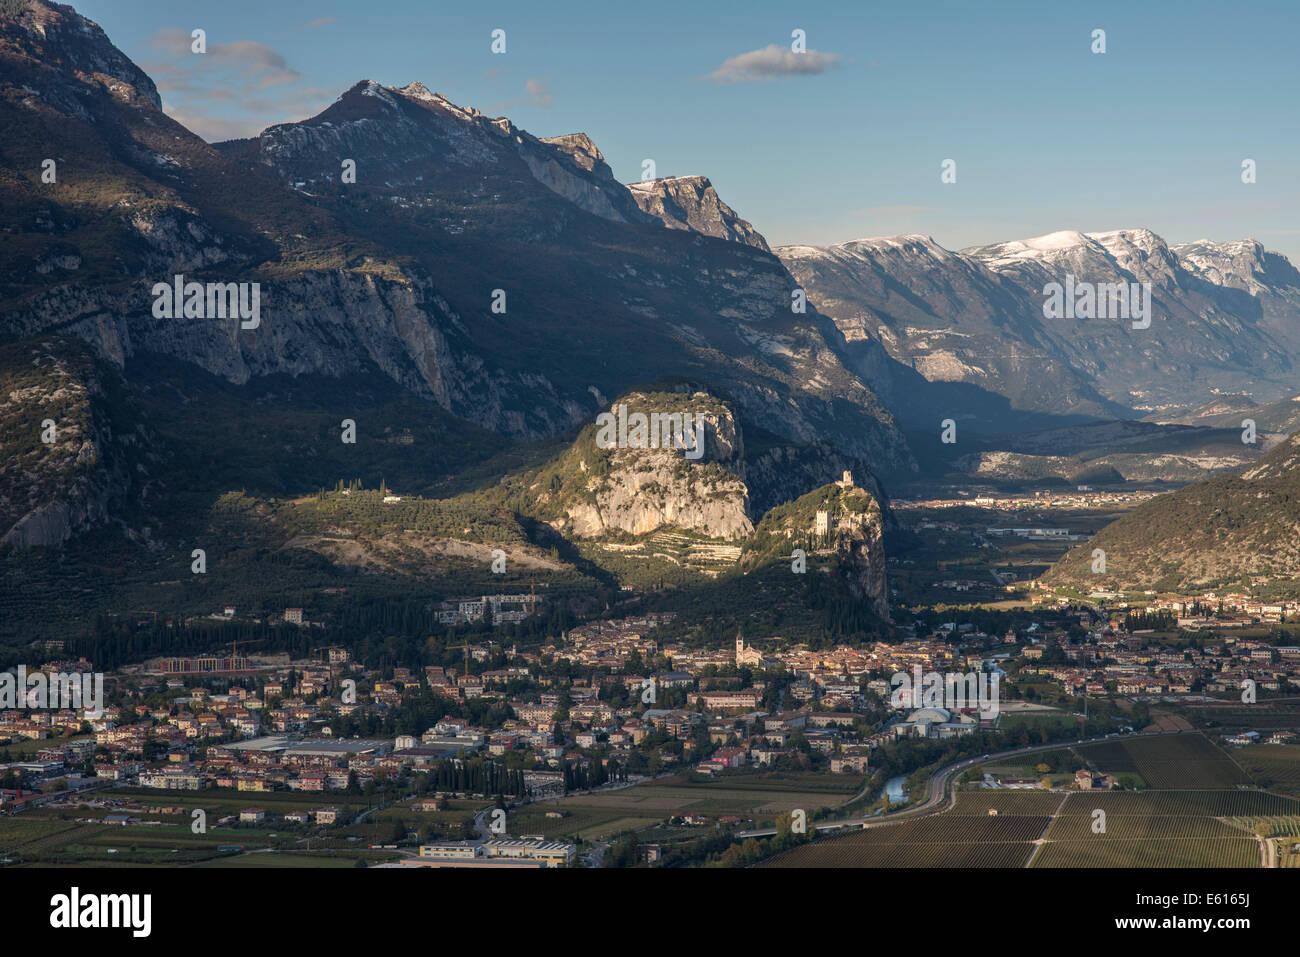 Scogliere con le rovine del Castello di Arco o Castello di Arco sopra Arco, la Valle del Sarca, Trentino-Alto Adige, Immagini Stock